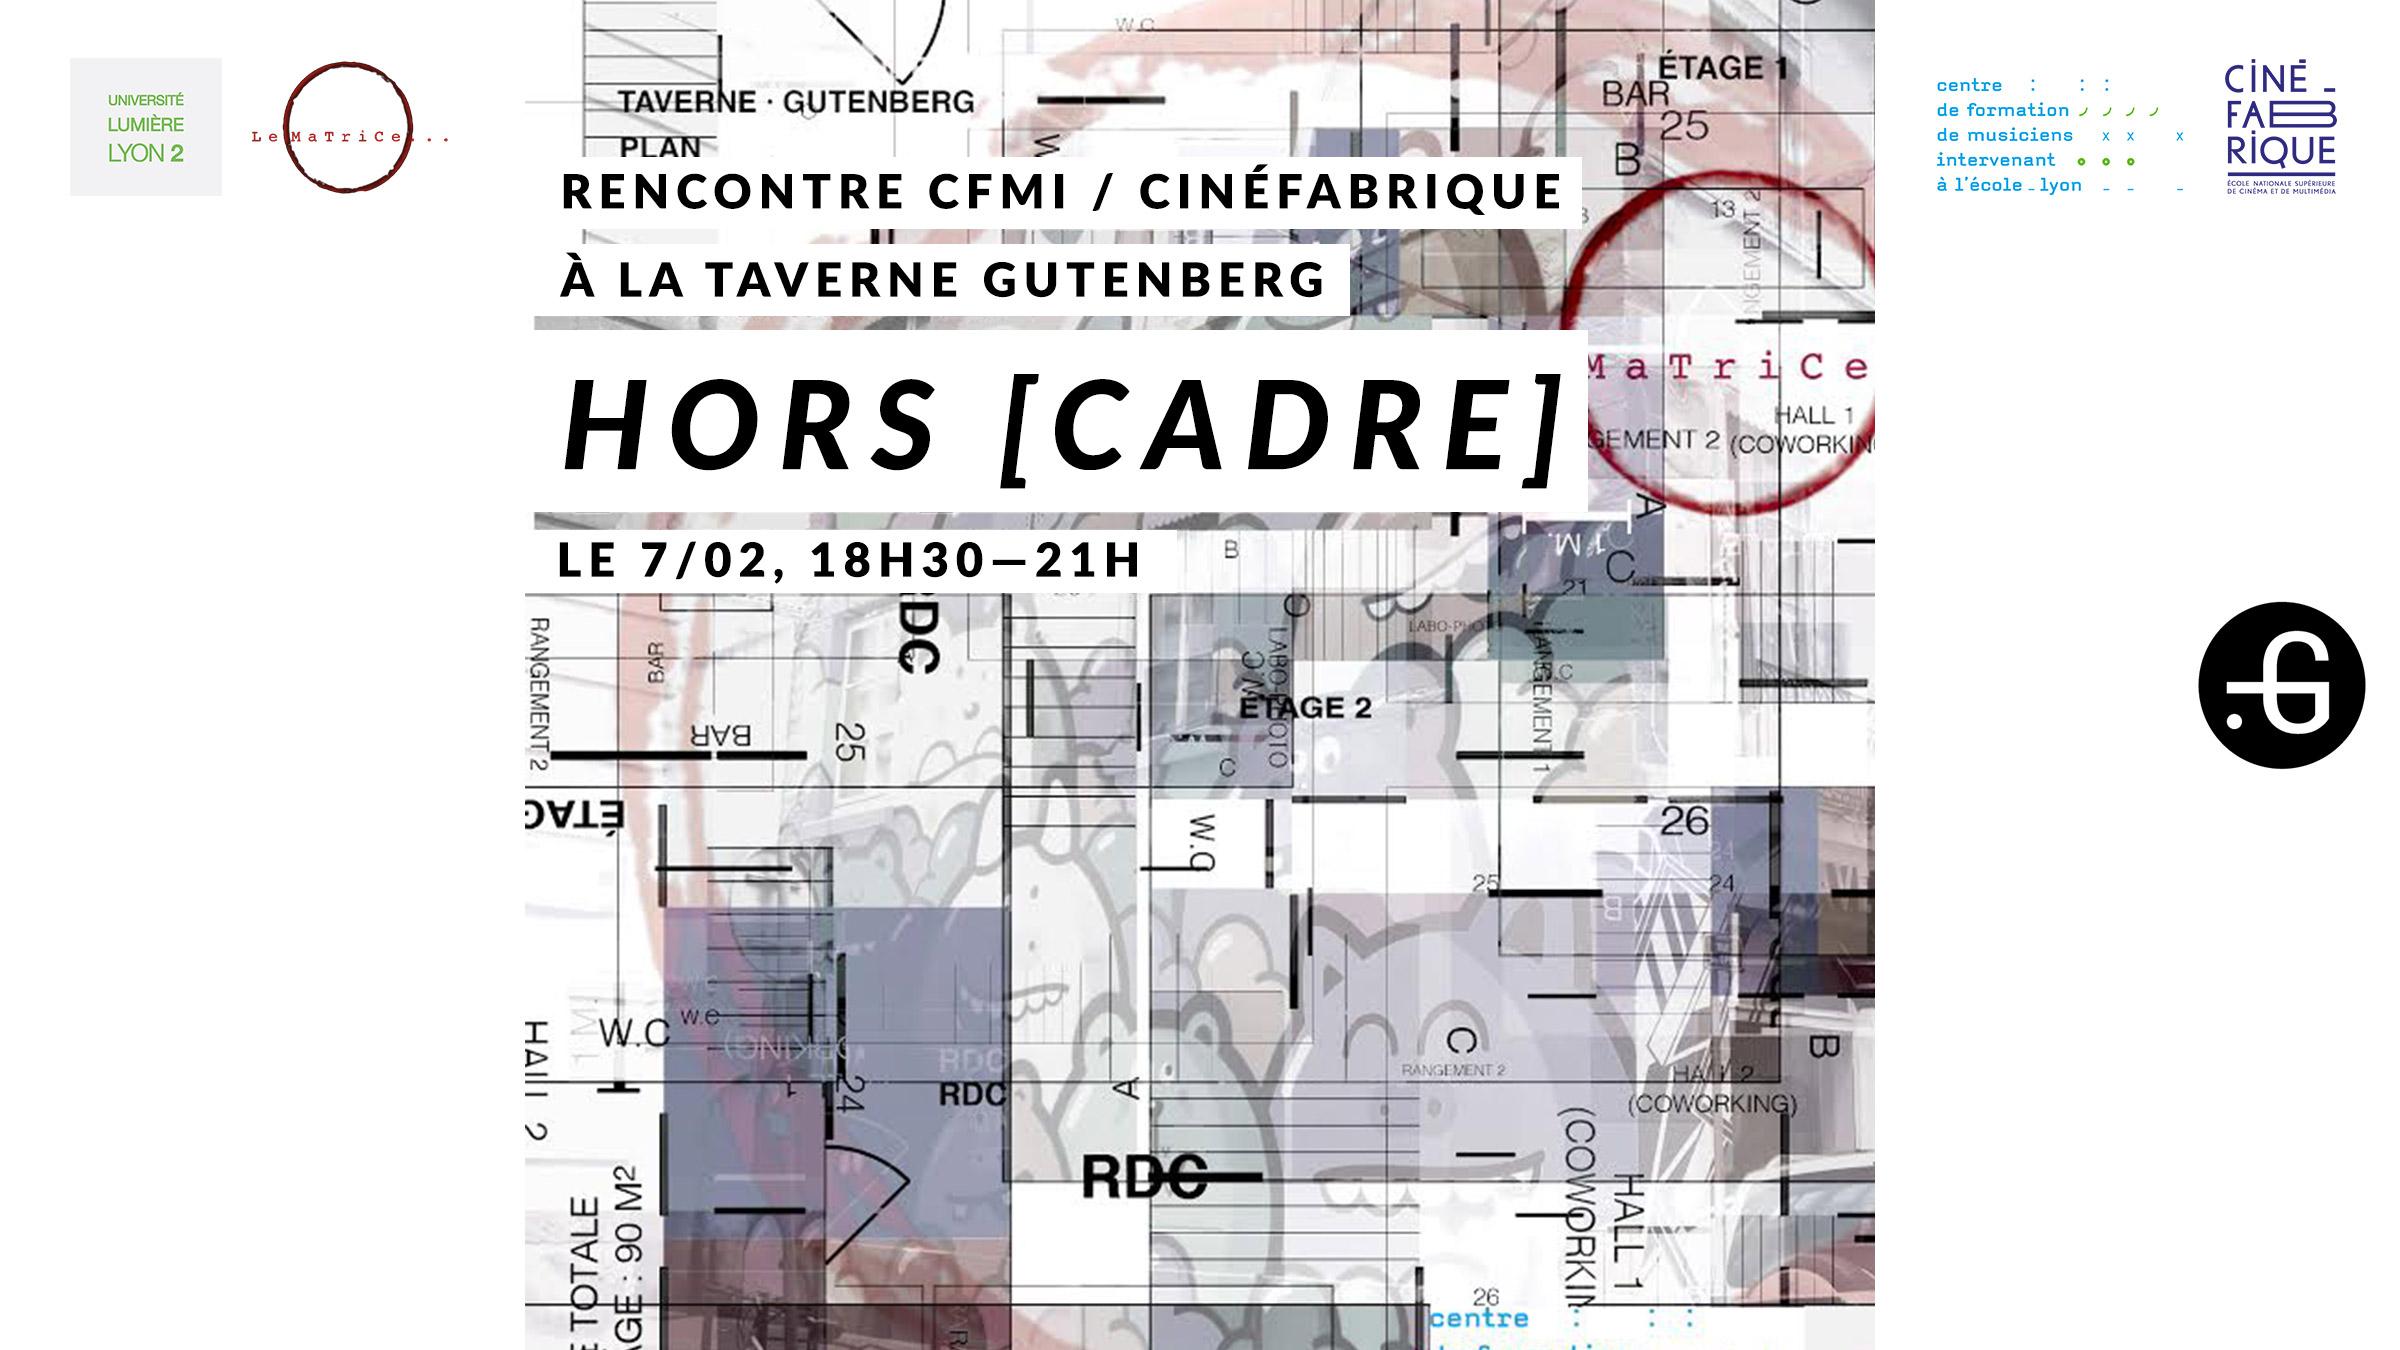 """Affiche """"Hors cadre"""", Taverne Gutenberg, 07/02/2017"""